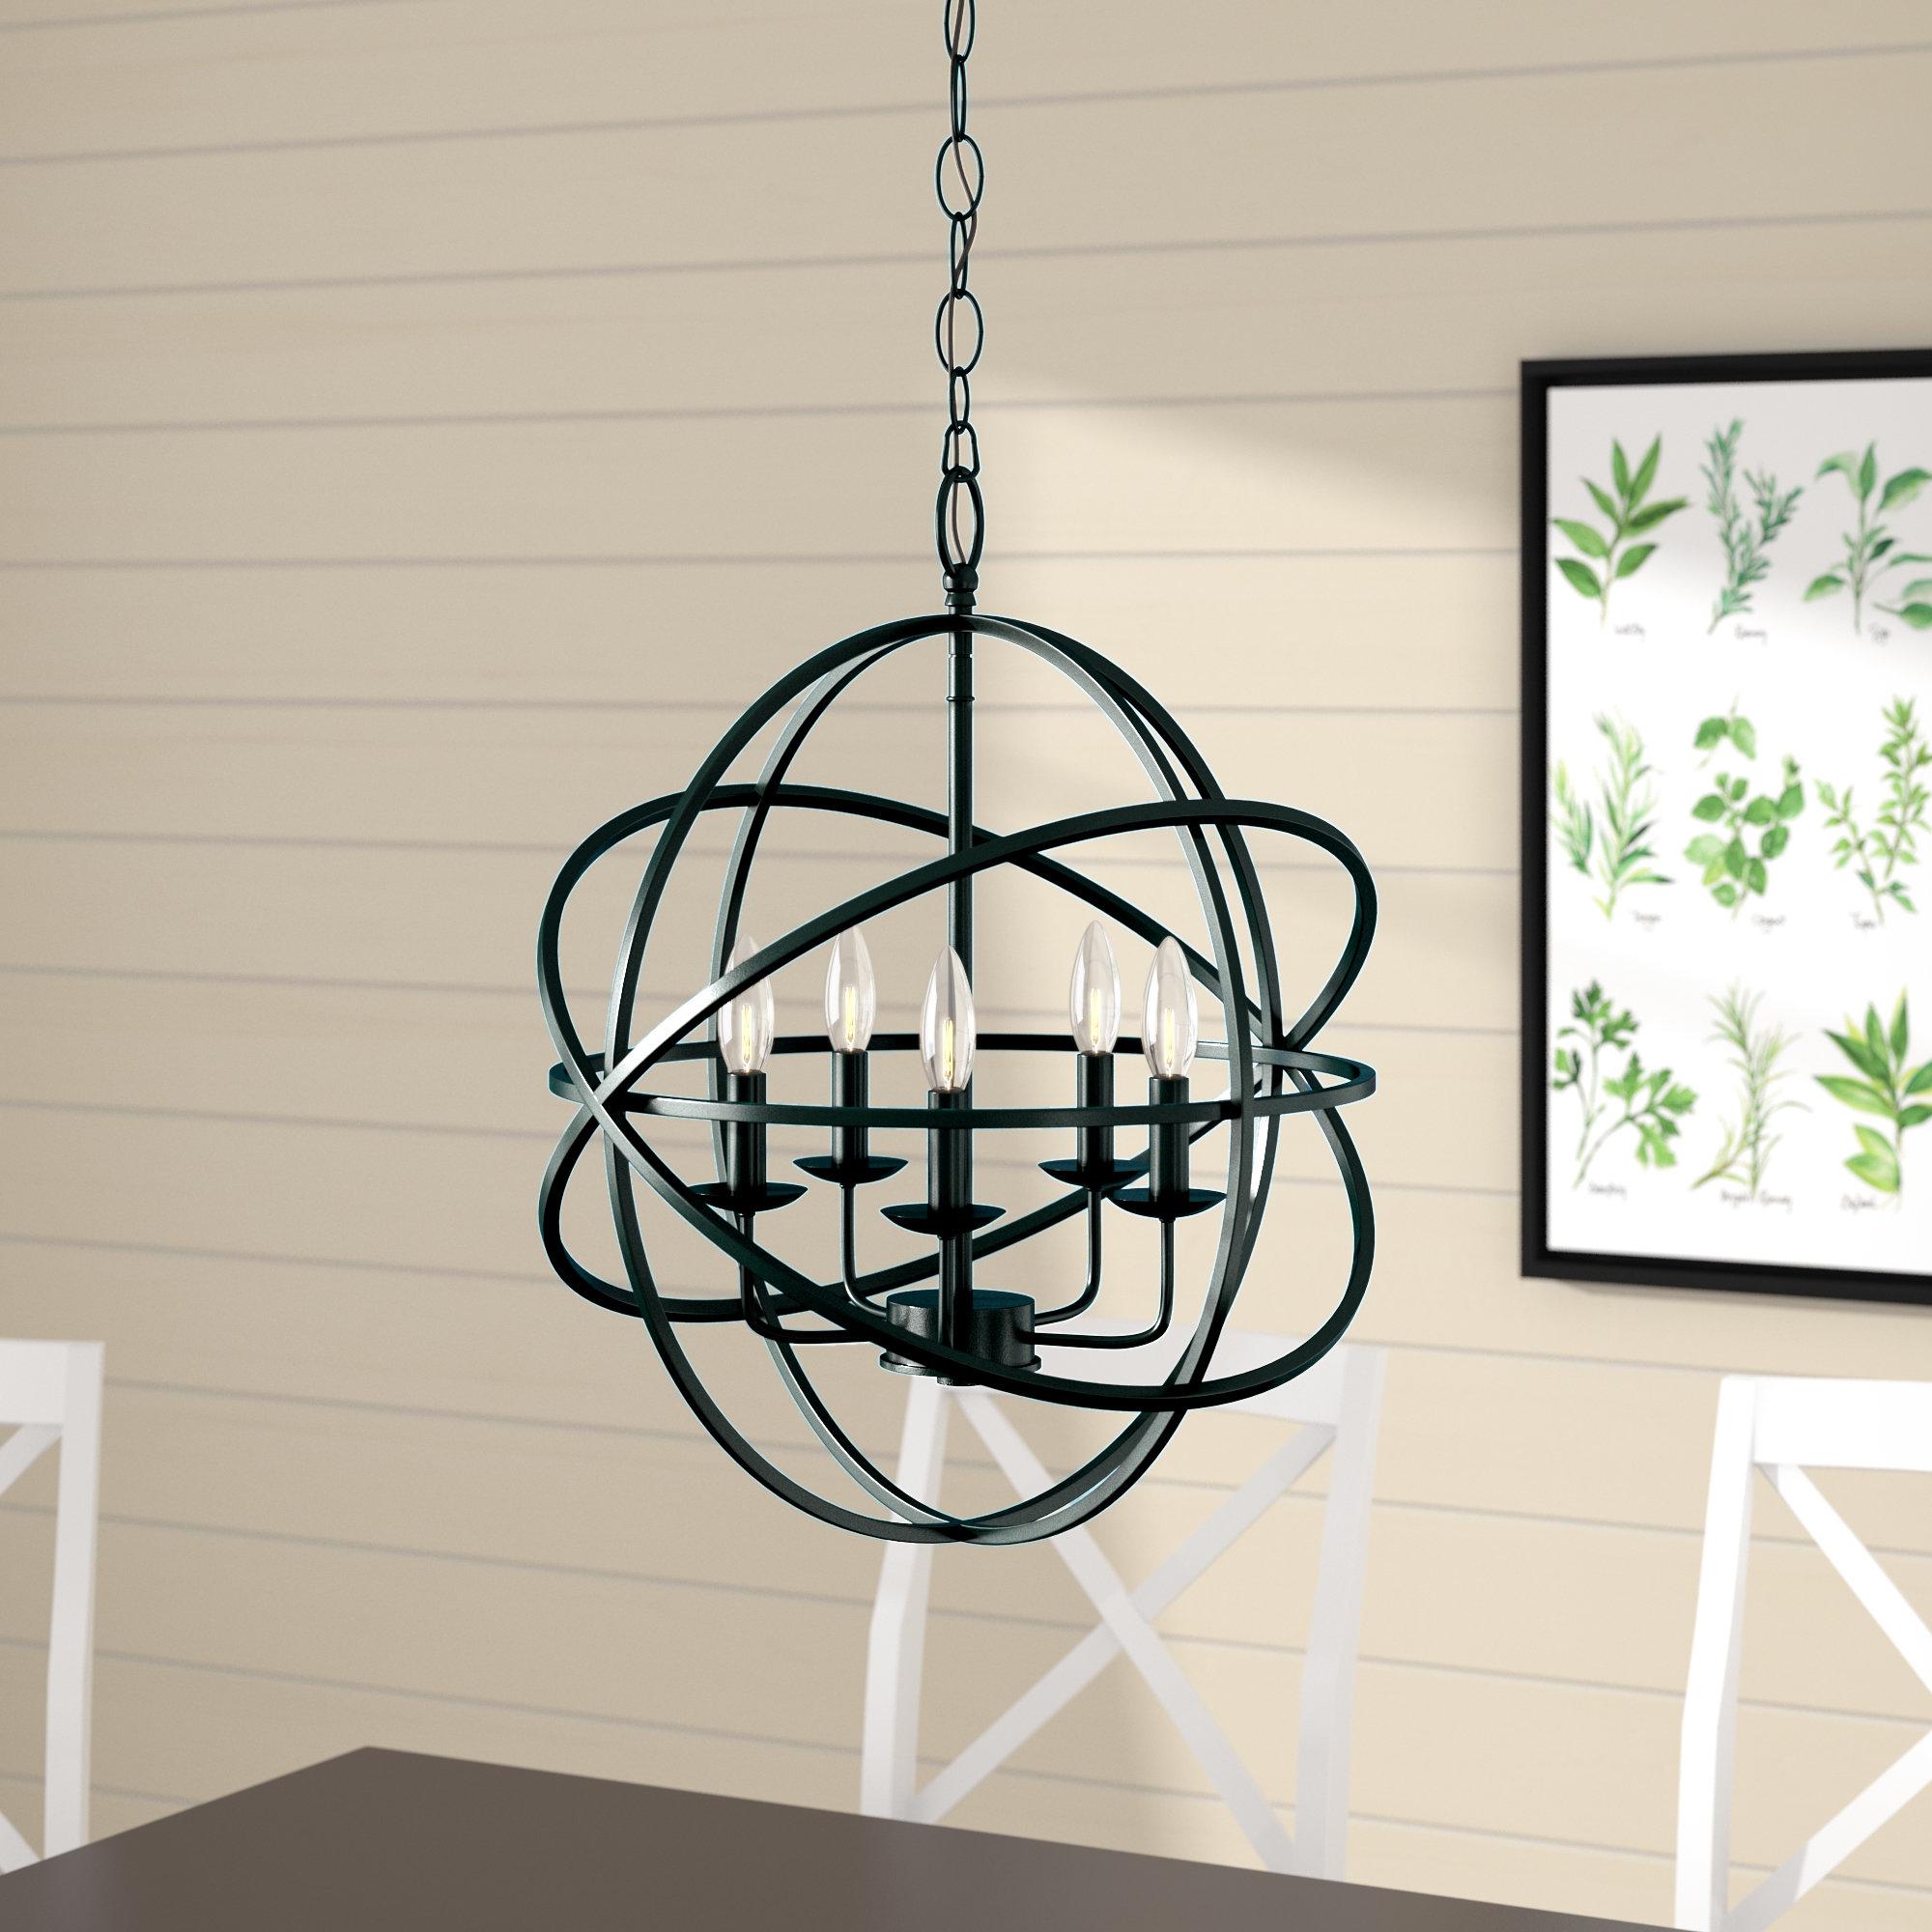 Hankinson 5-Light Globe Chandelier for Waldron 5-Light Globe Chandeliers (Image 13 of 30)